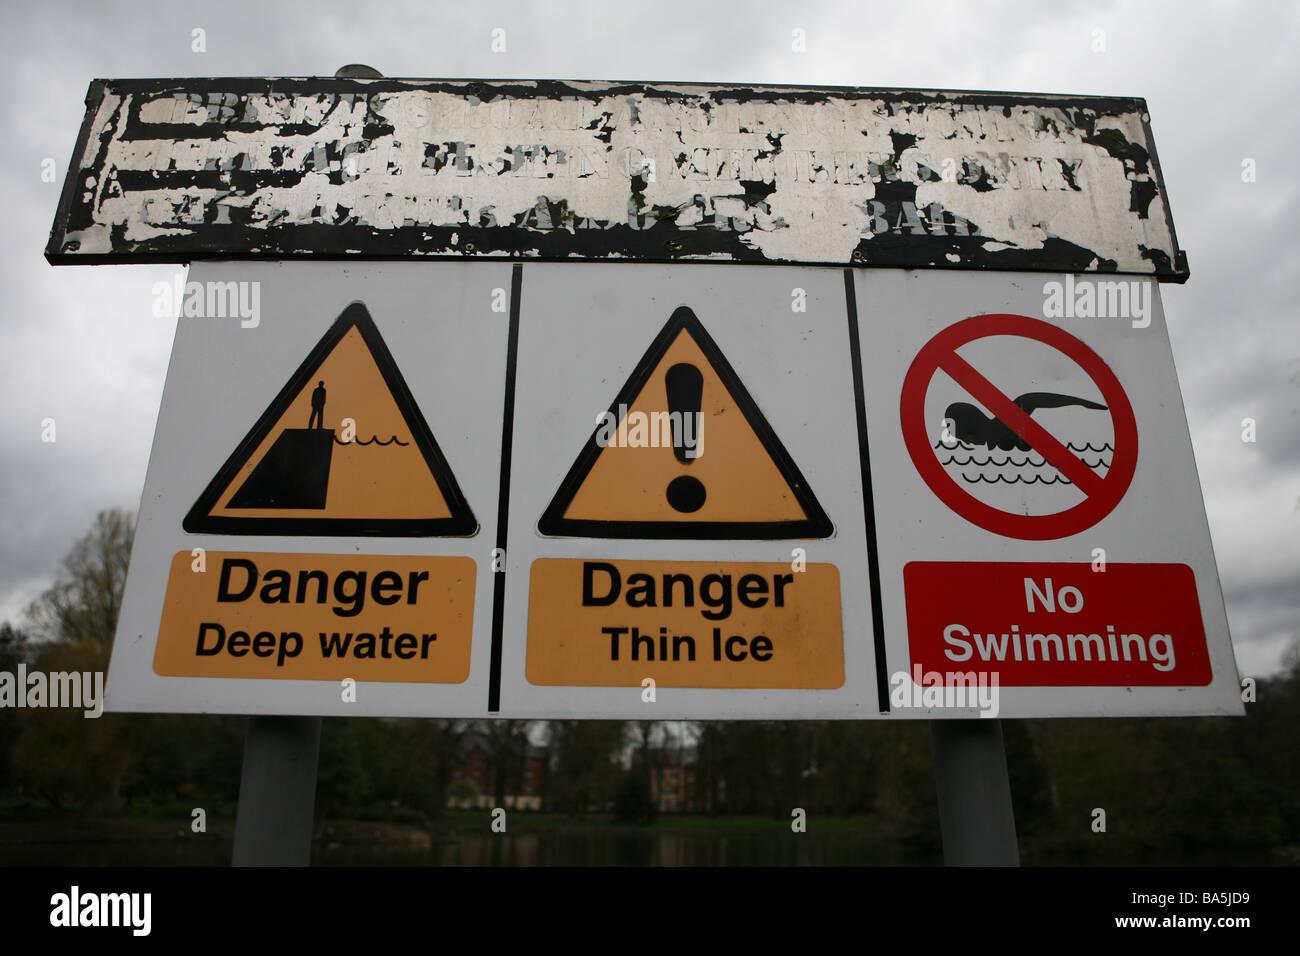 Danger Danger d'eau profonde de la glace mince et pas de piscine inscrivez-vous dans un parc à Manchester Photo Stock